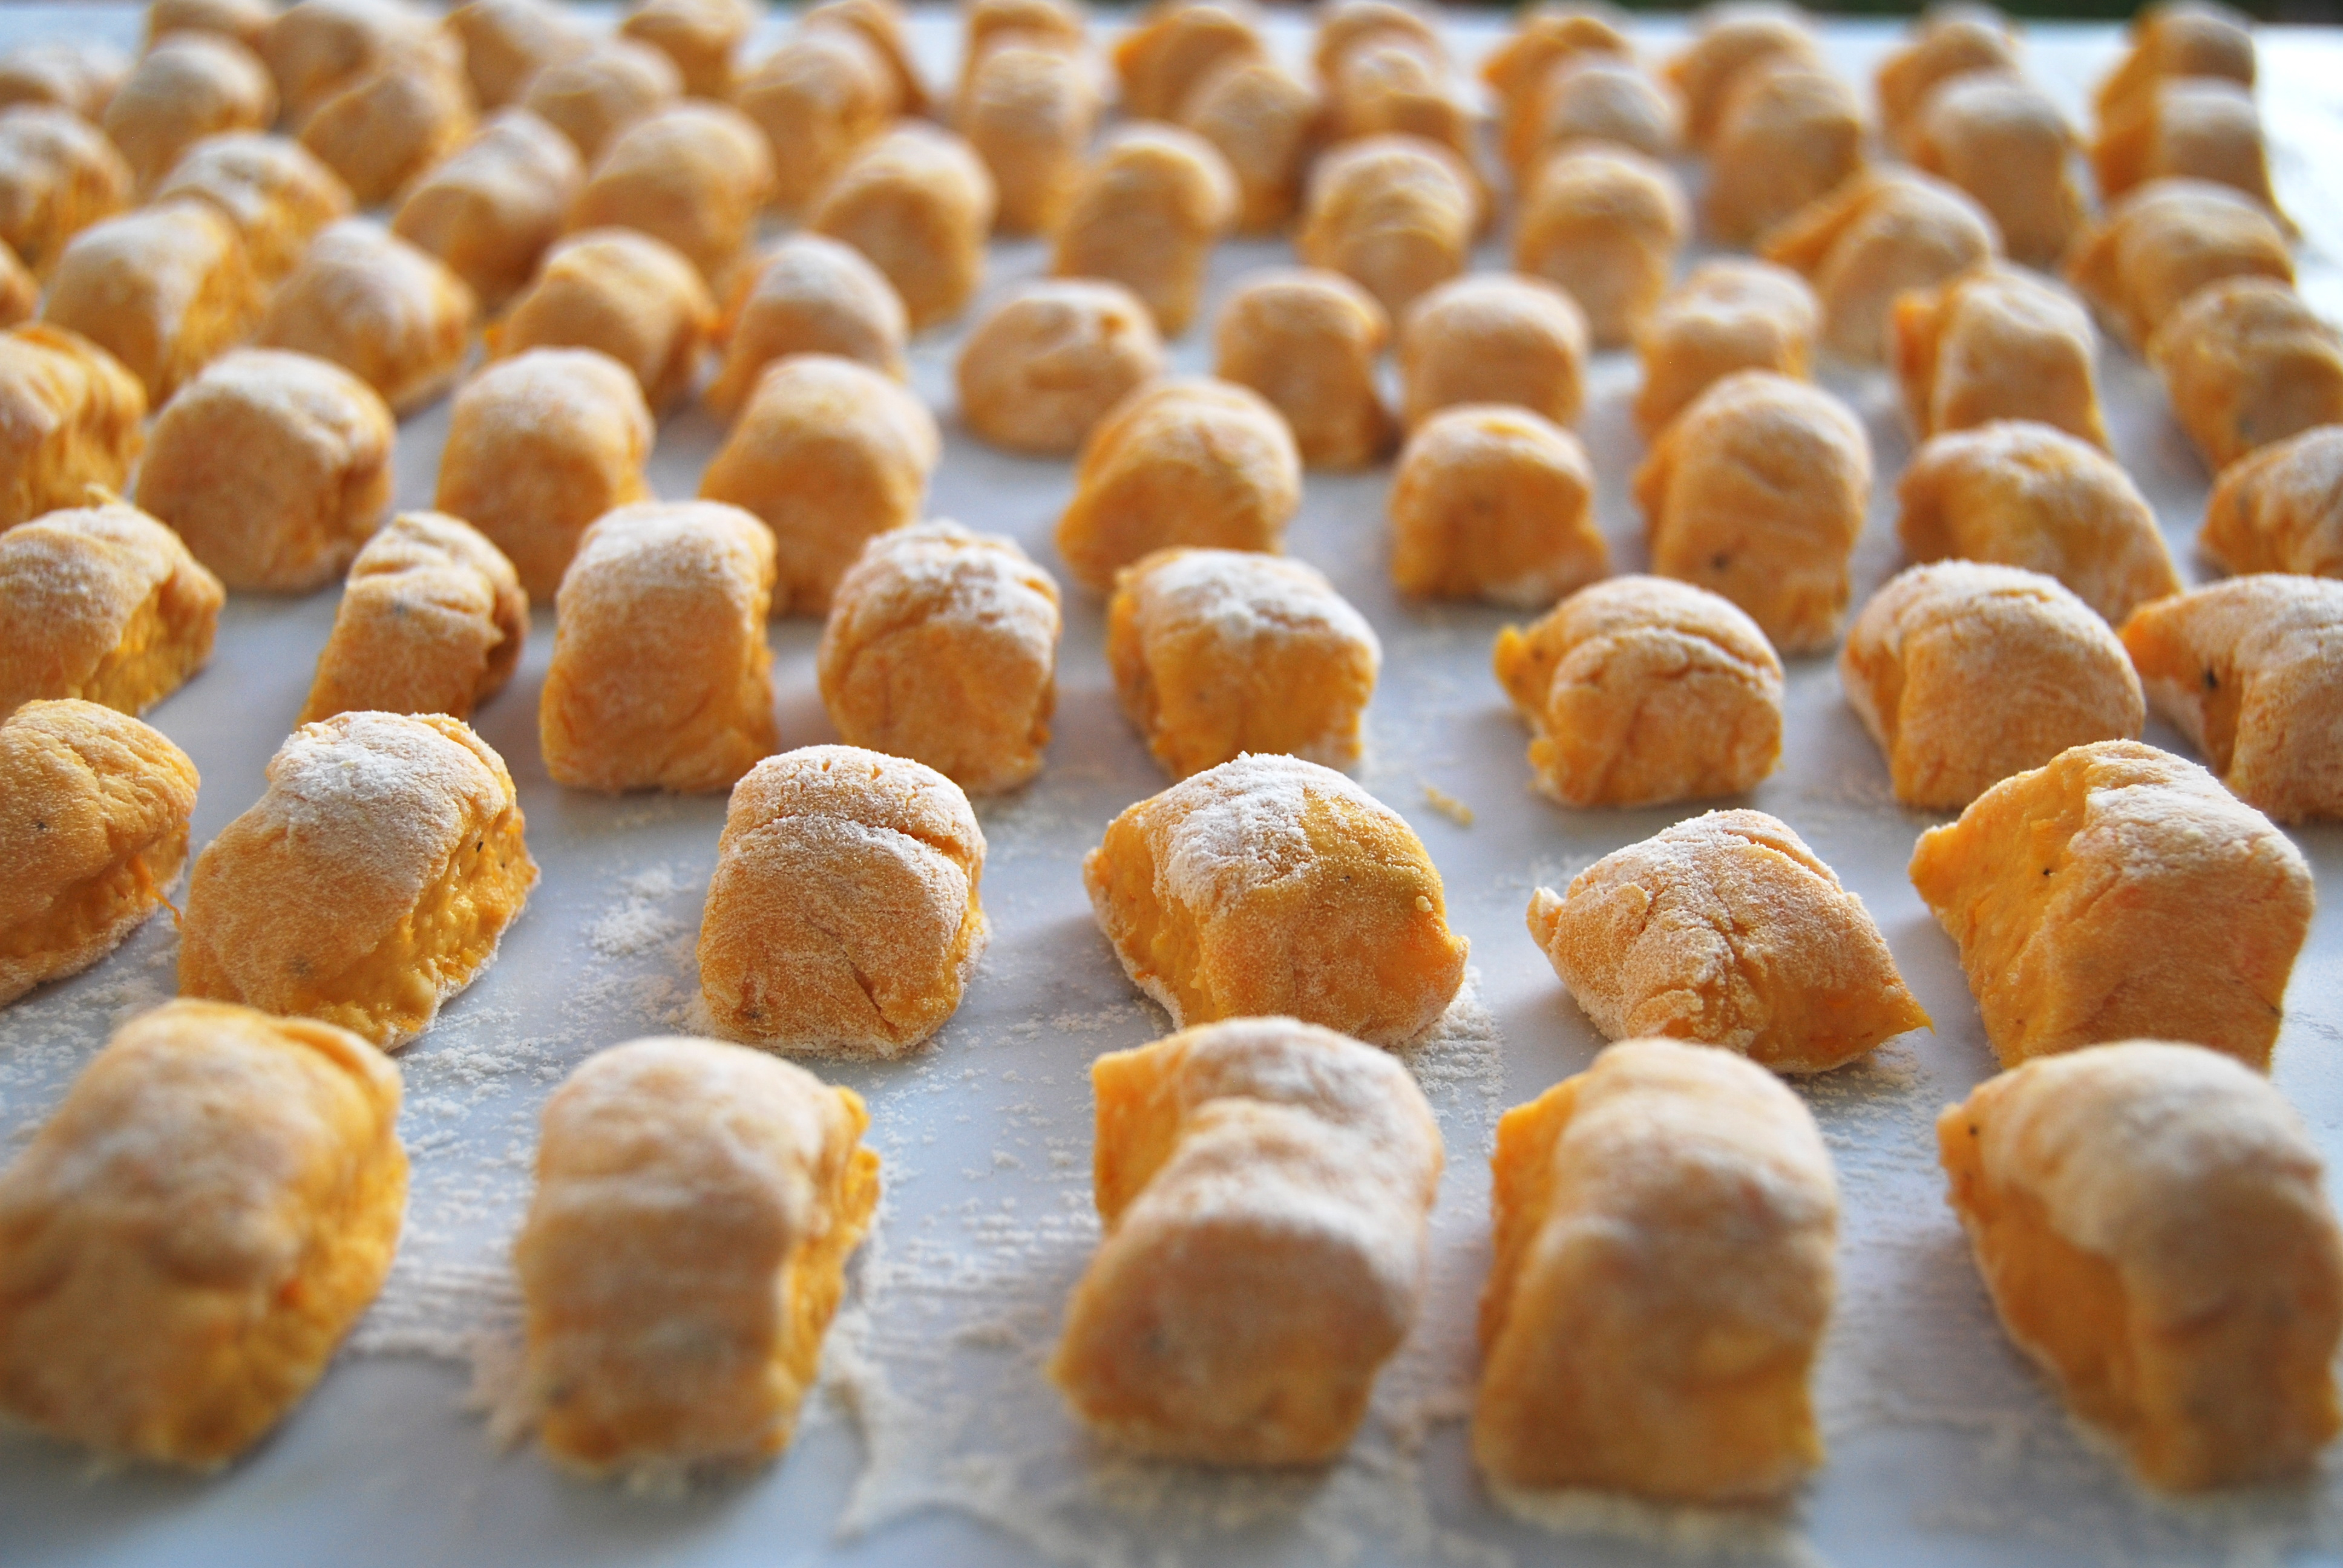 ... pdf of the recipe Butternut Squash Gnocchi with Taleggio Cheese Sauce